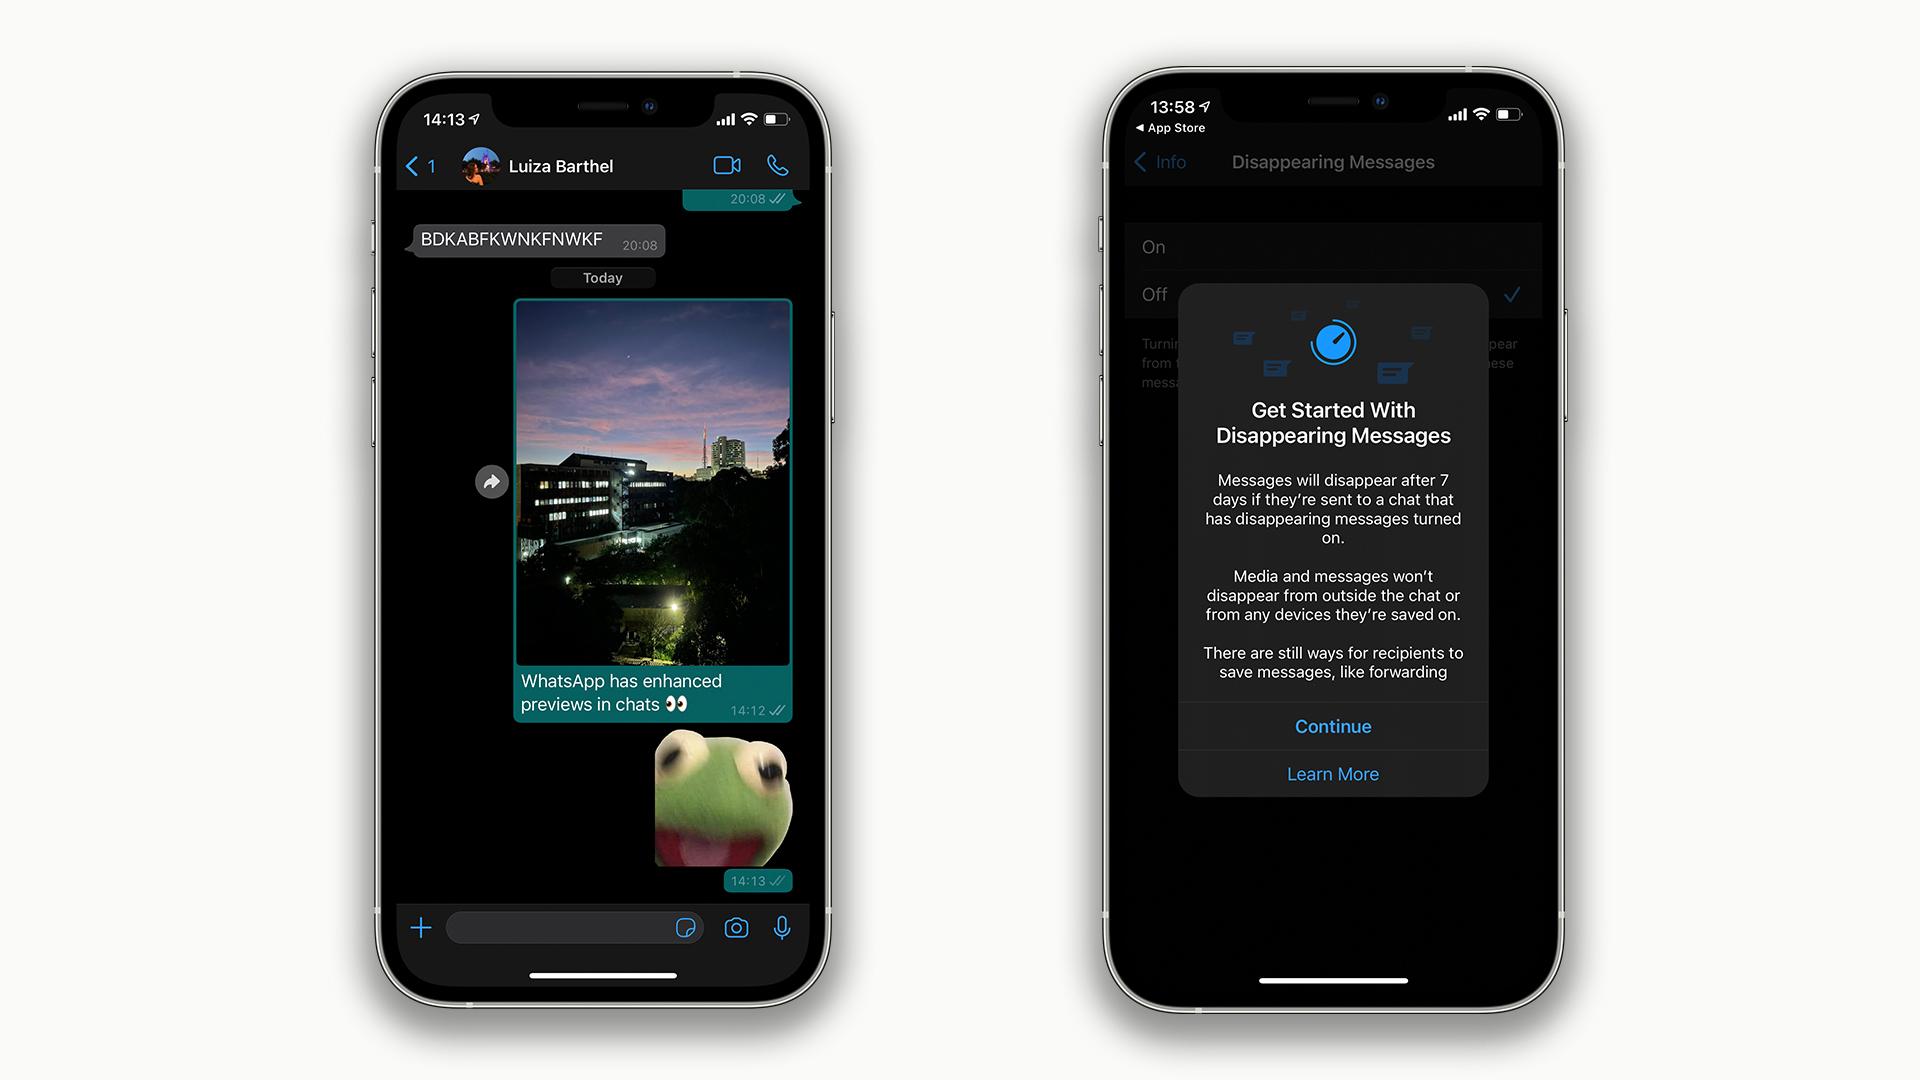 WhatsApp affiche enfin les fichiers multimédias en pleine largeur sur iPhone